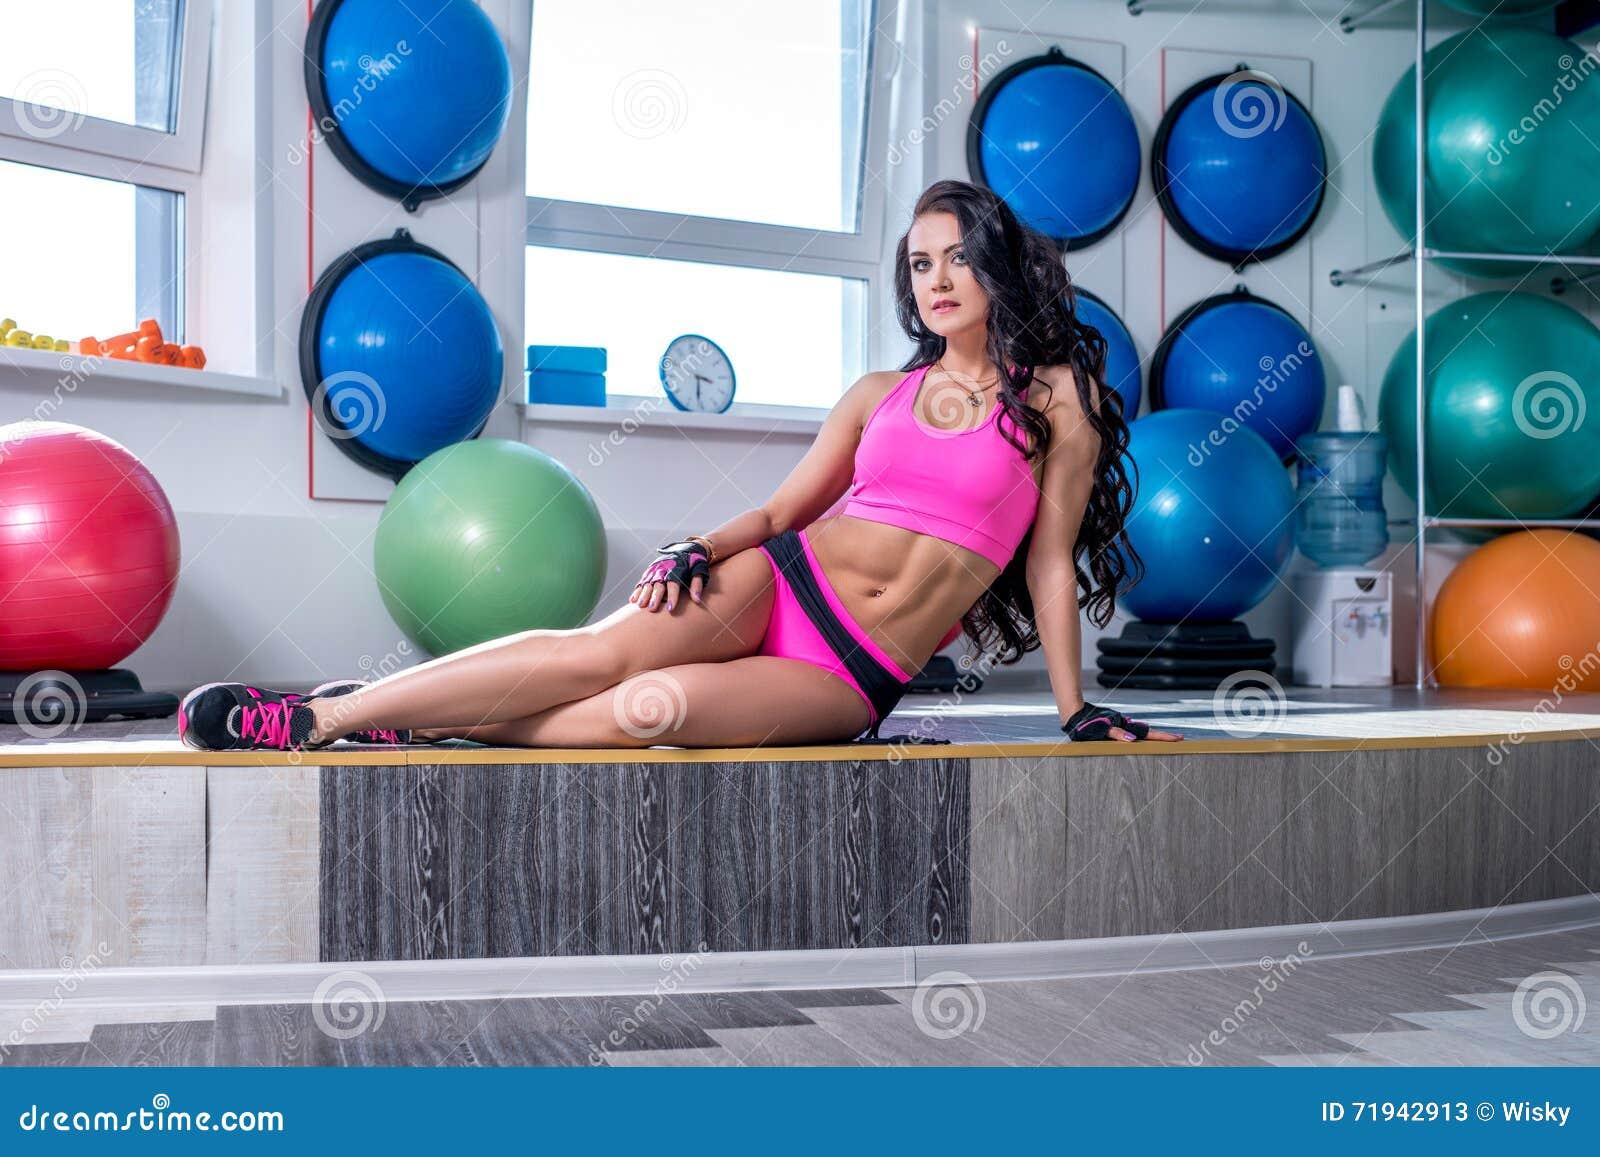 Фото красивой атлетической женщины представляя в спортзале